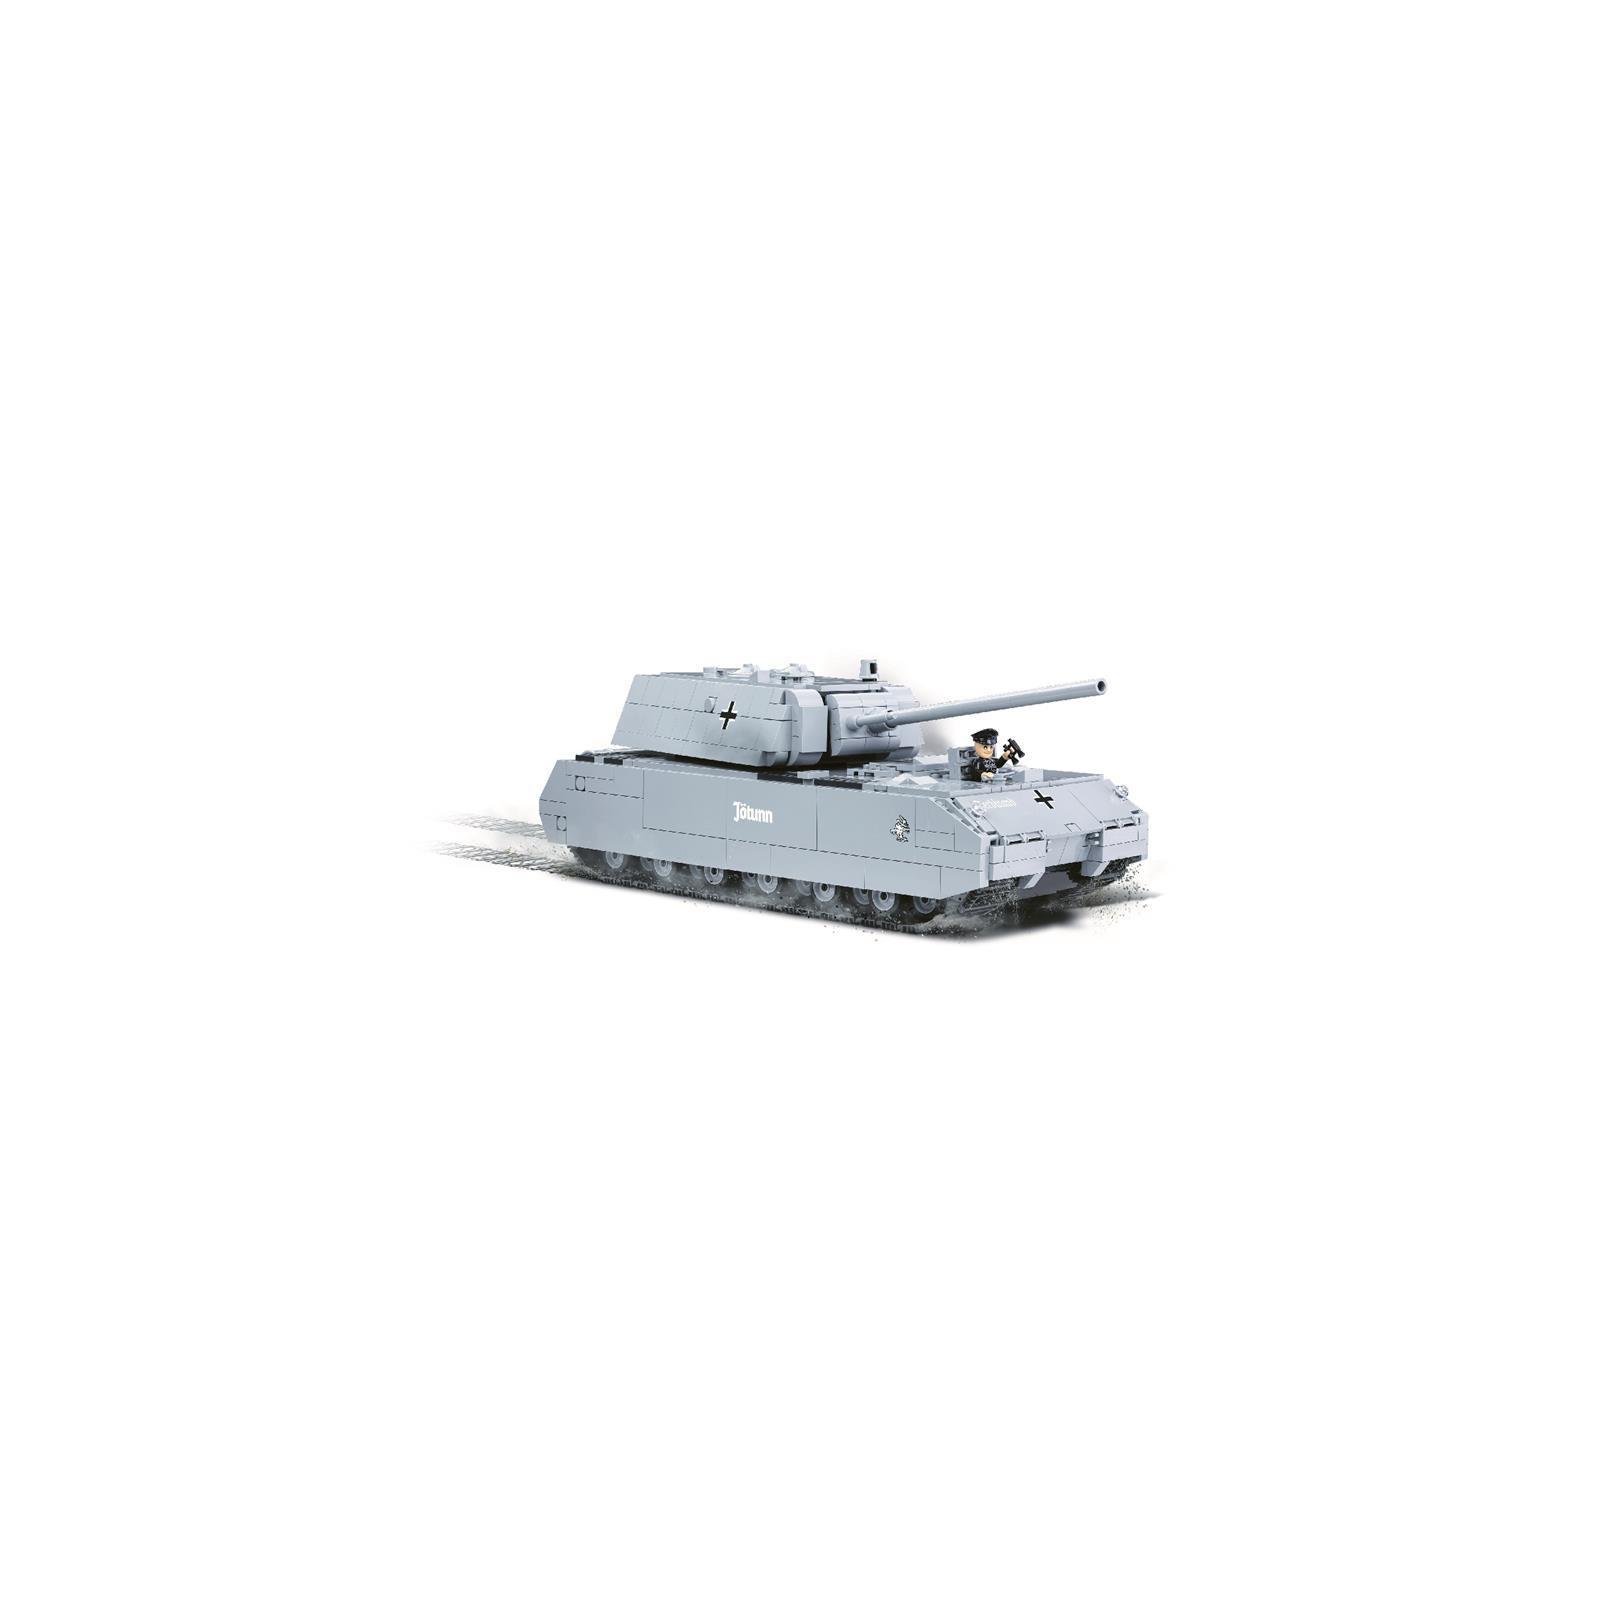 Конструктор Cobi World Of Tanks Maus, 900 деталей (COBI-3024) изображение 4